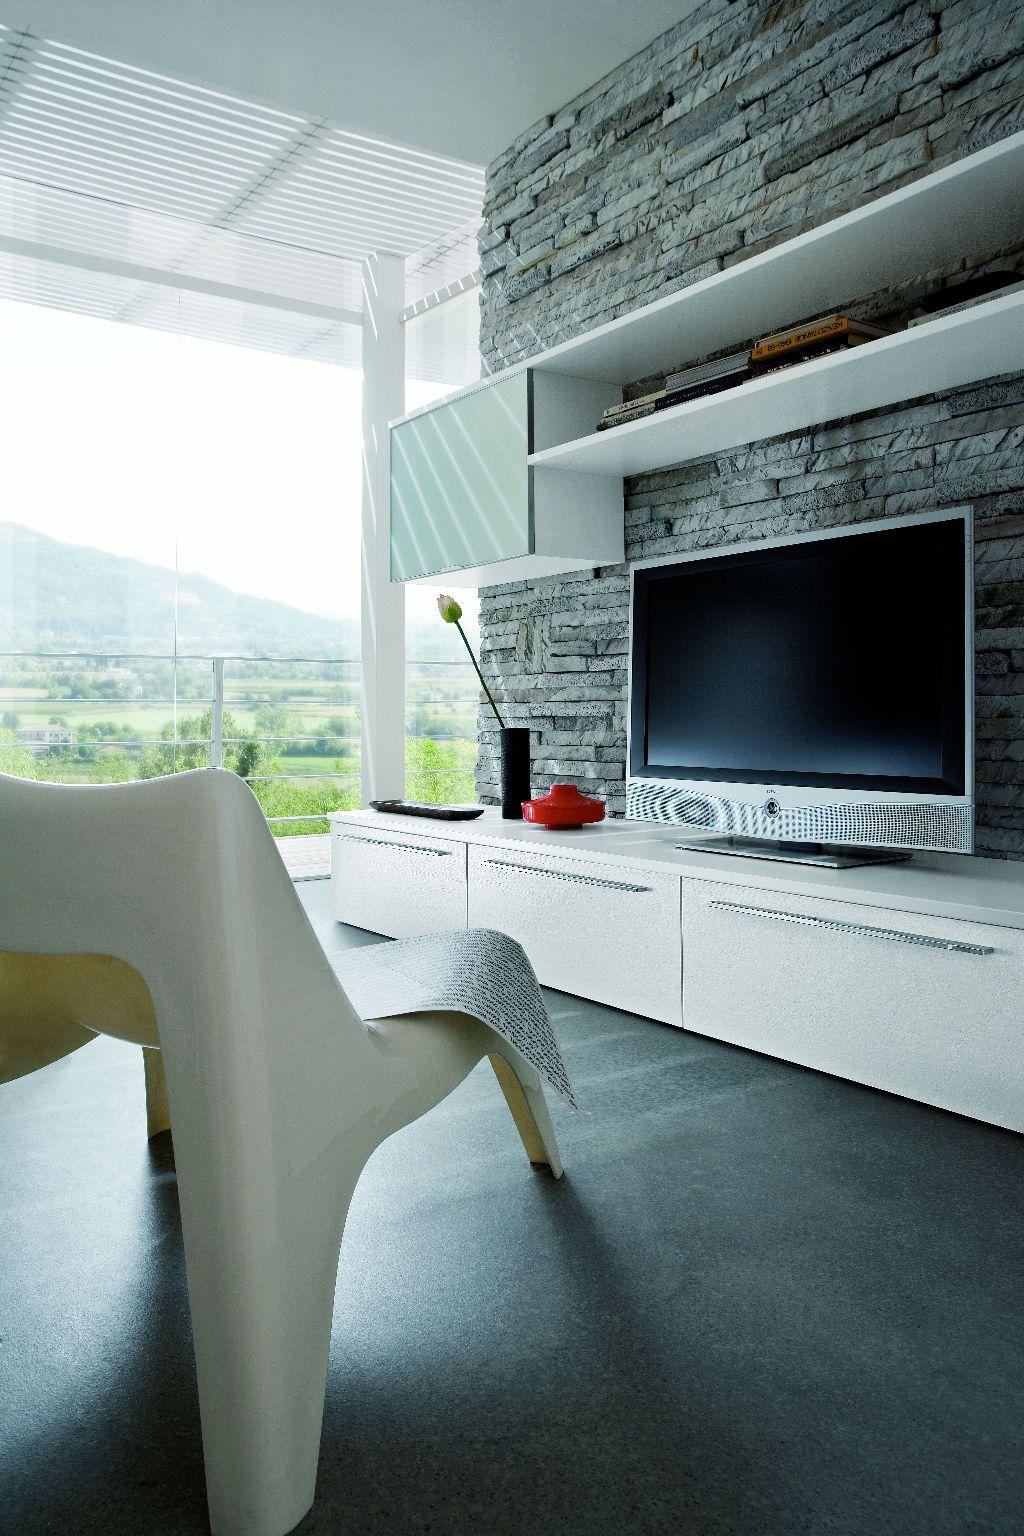 cuisine ouverte. Black Bedroom Furniture Sets. Home Design Ideas